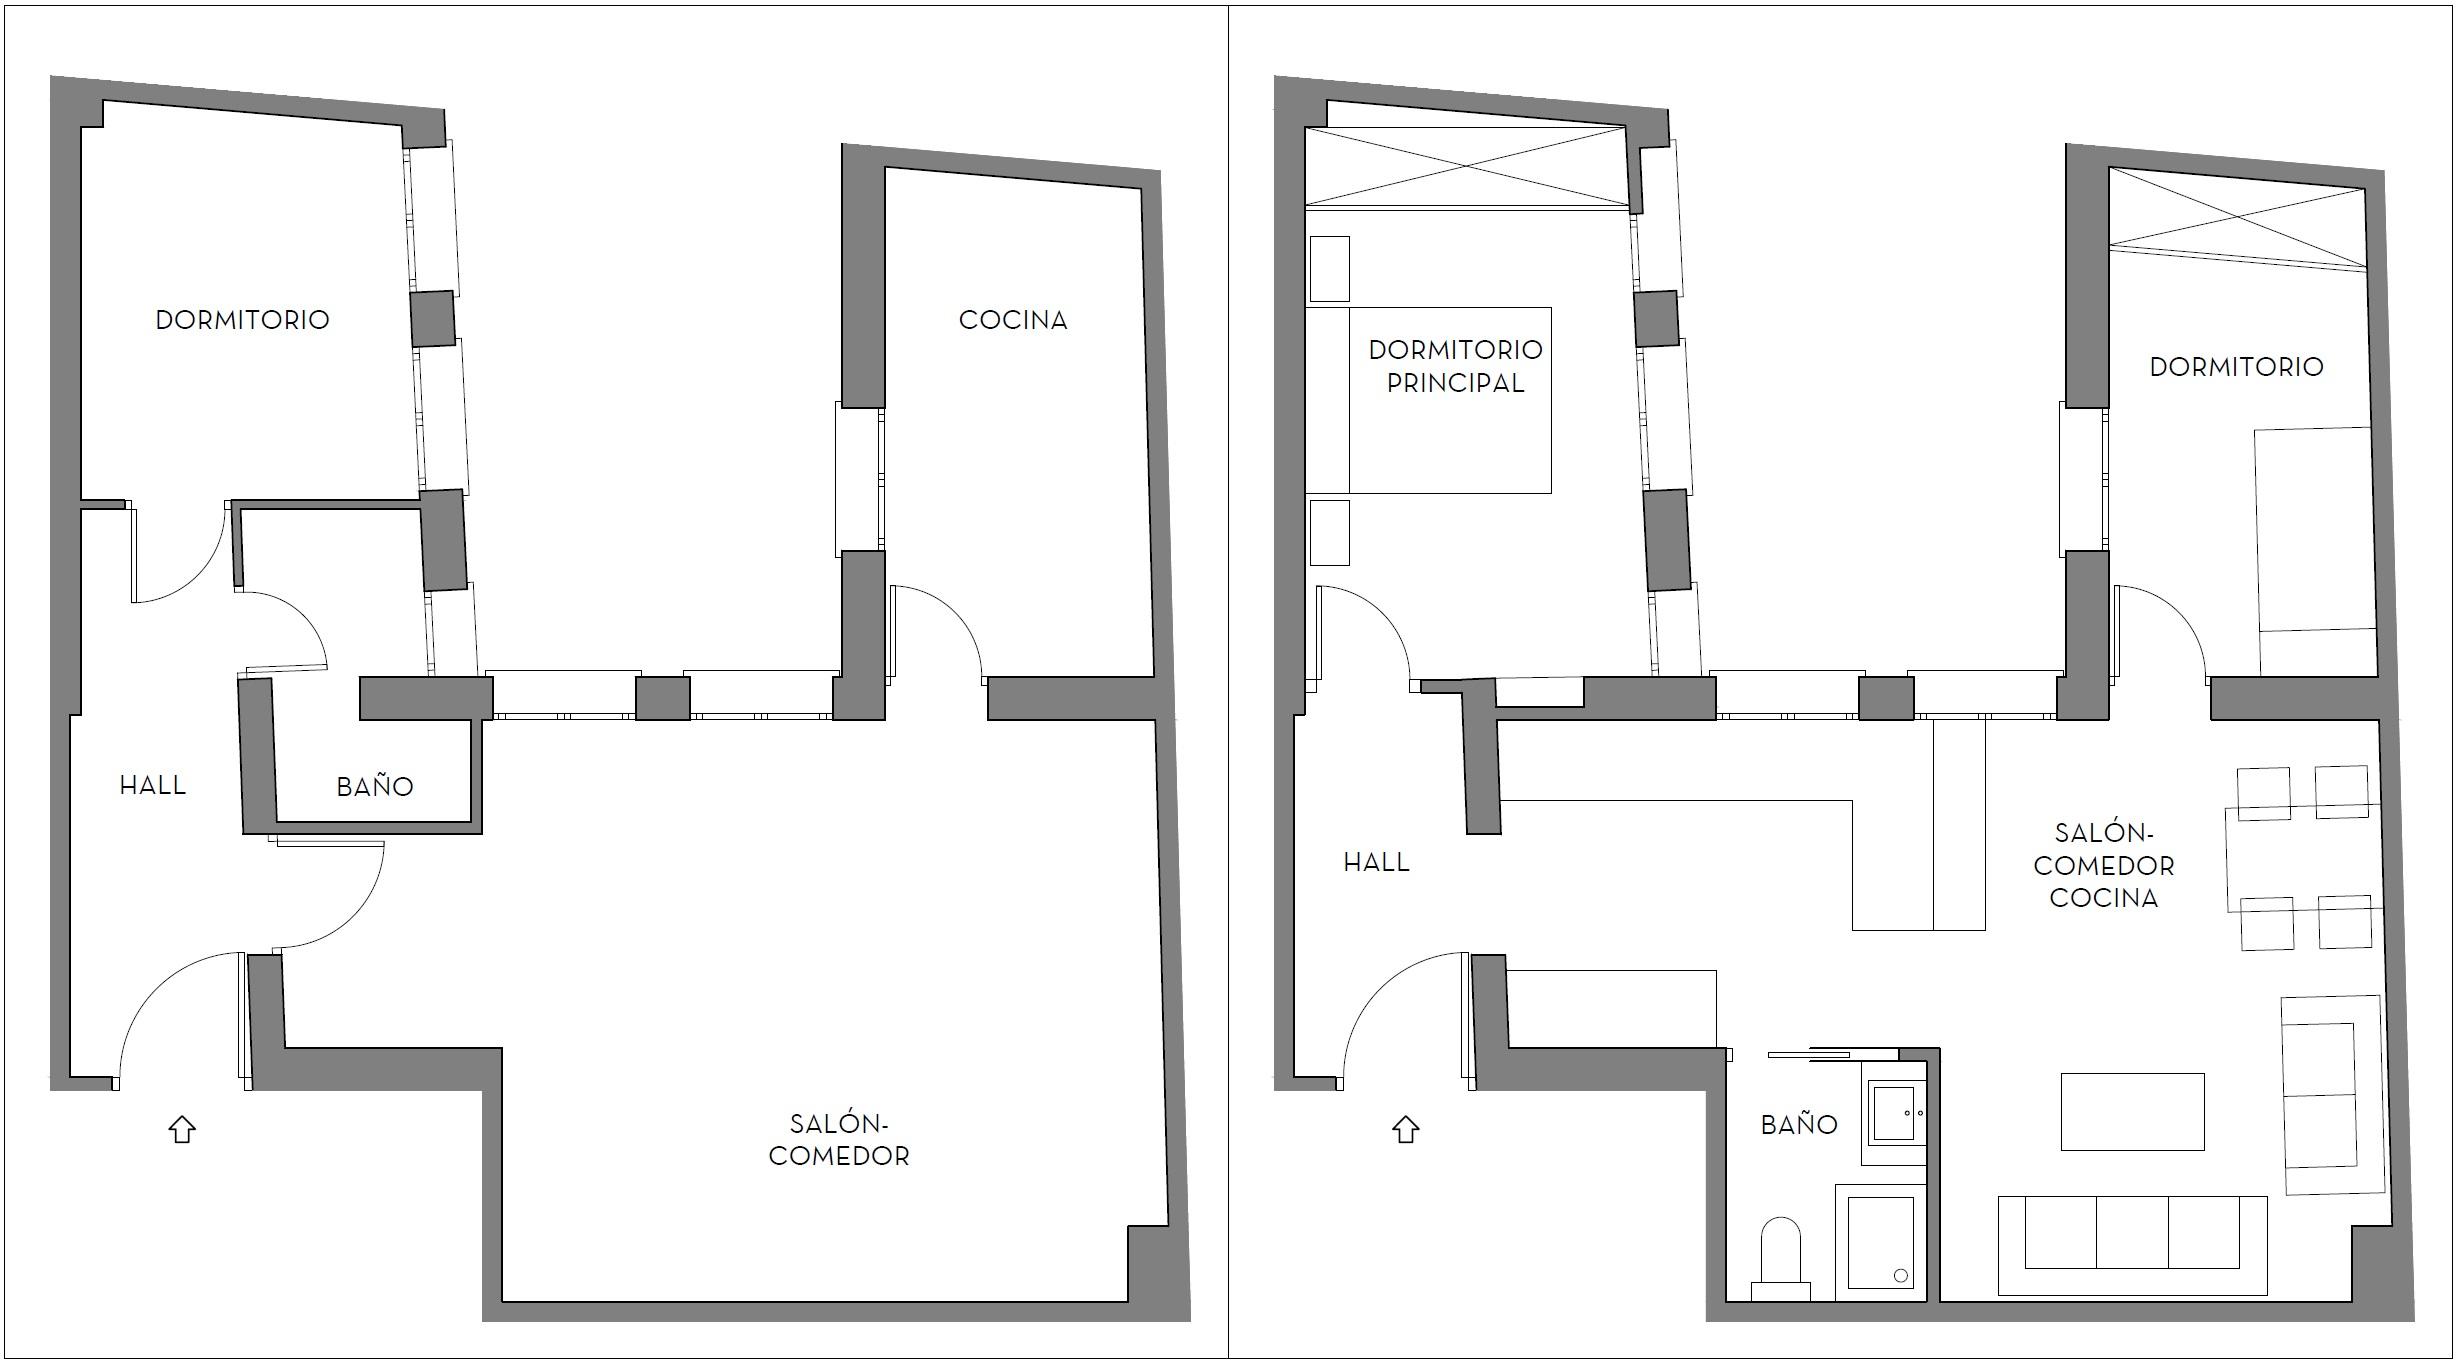 Comprar un piso reformado o para reformar esa es la for Ayudas para reformas de viviendas